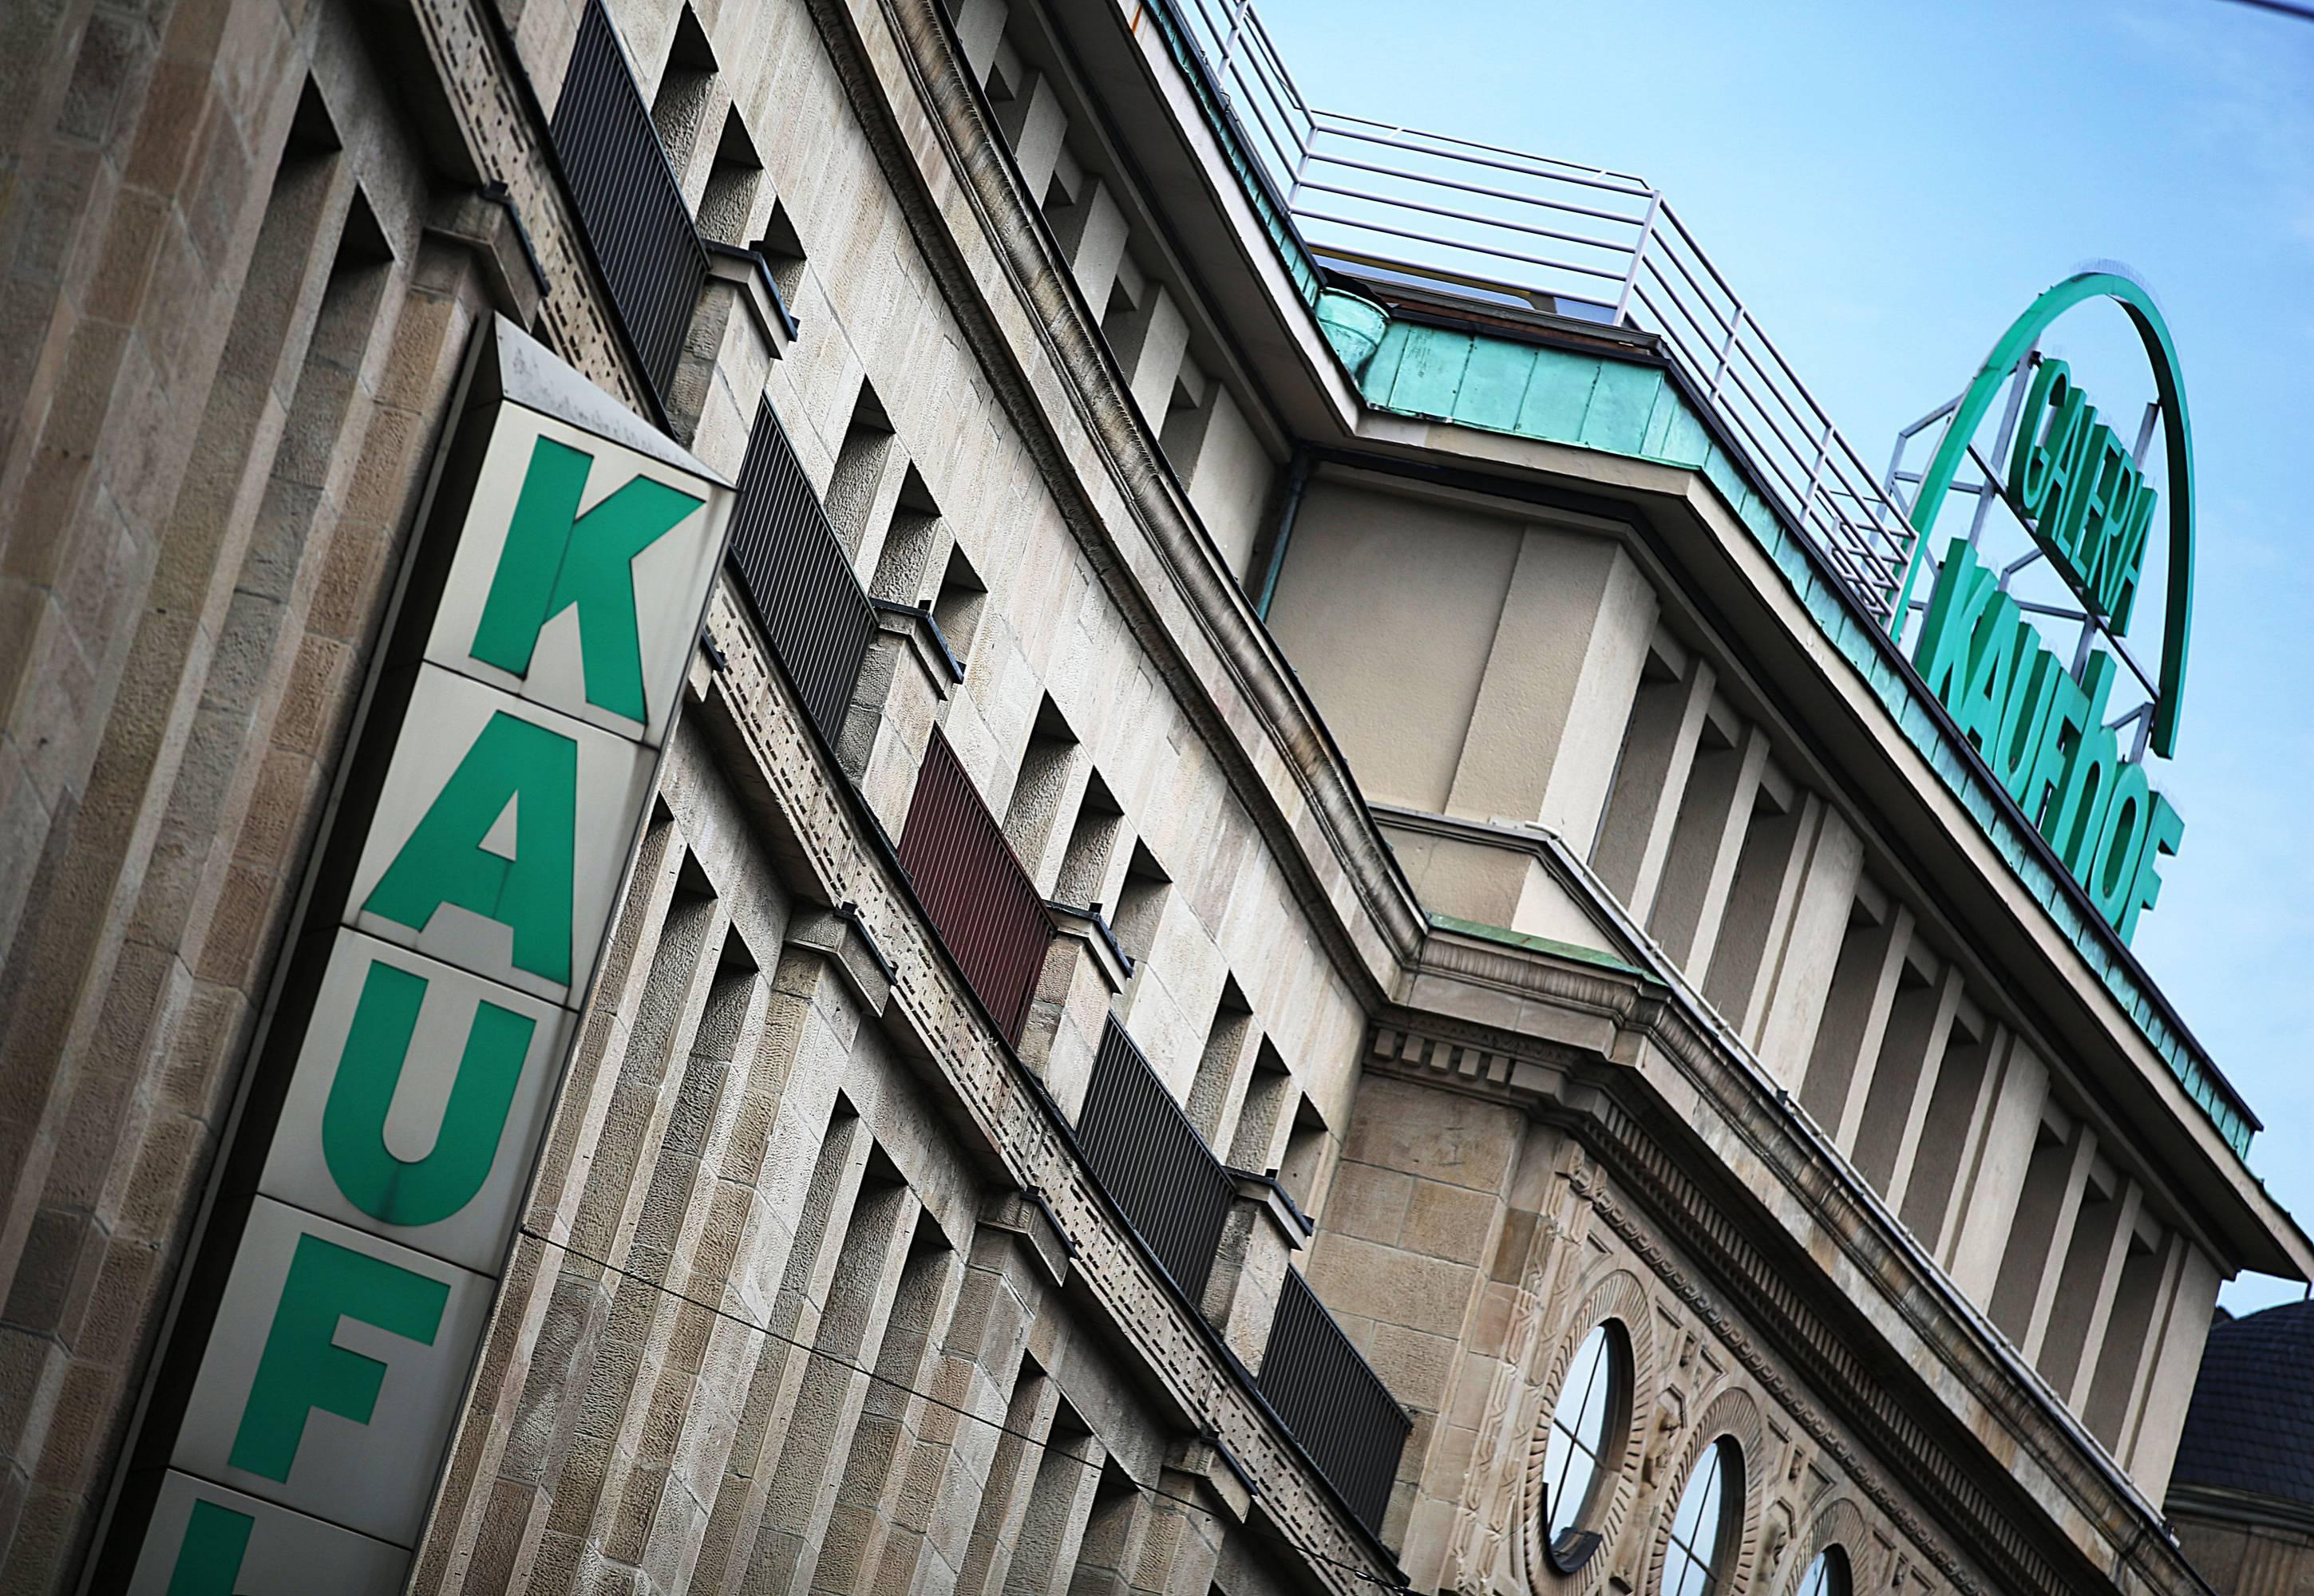 ef37b993c6181 Kaufhof-Sanierung kostet bis zu 5000 Jobs - OVB Heimatzeitungen